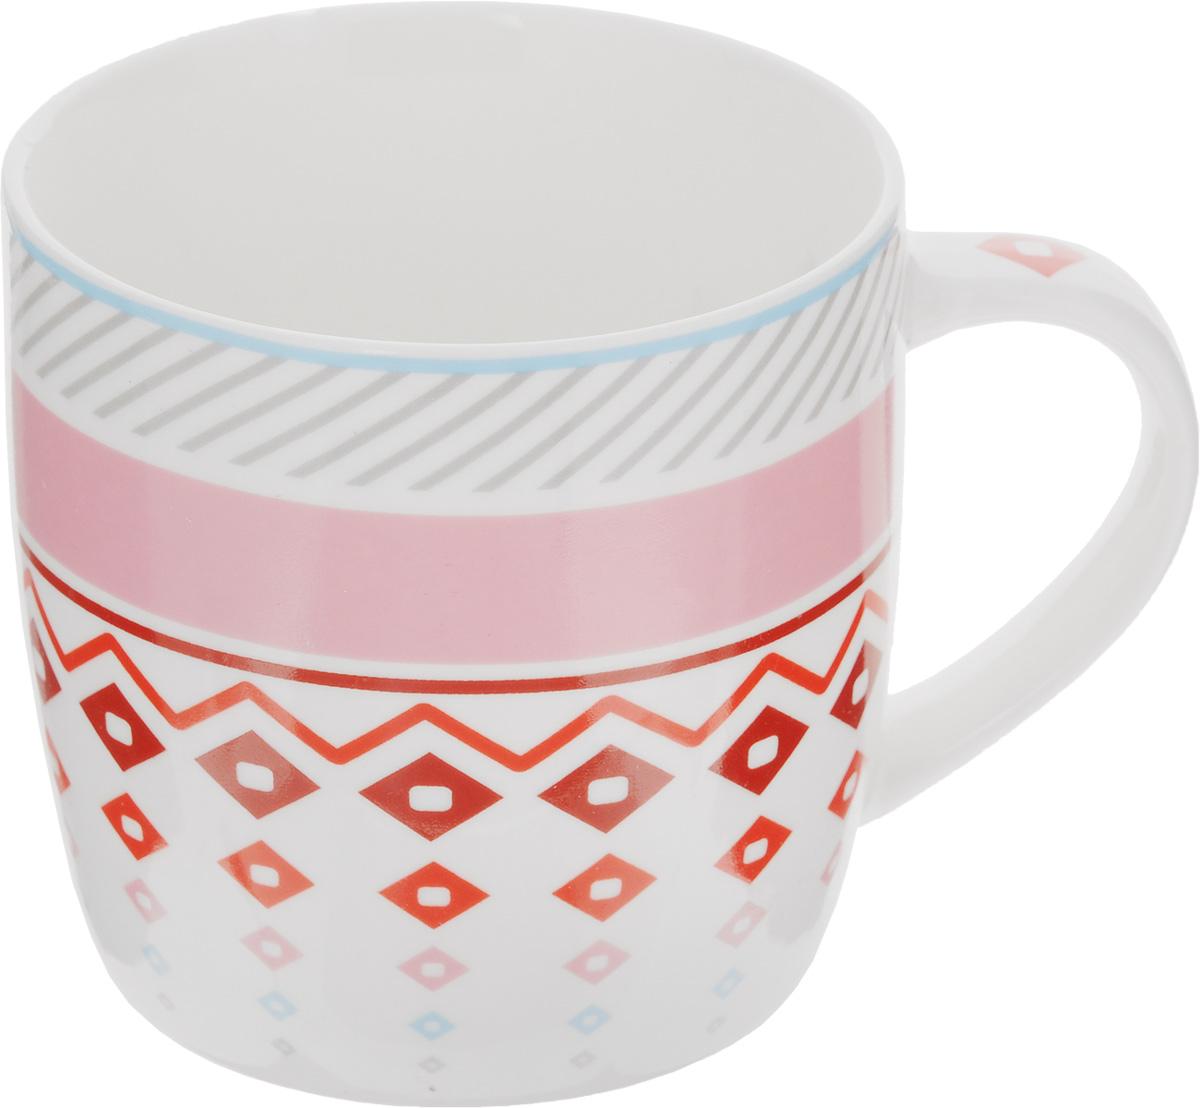 Кружка Loraine, 320 мл. 2448424484_розовый, белыйКружка Loraine выполнена из высококачественного костяного фарфора и украшена ярким узором. Изделие оснащено эргономичной ручкой. Кружка сочетает в себе оригинальный дизайн и функциональность. Она согреет вас долгими холодными вечерами. Диаметр (по верхнему краю): 8,2 см. Высота кружки: 8,2 см. Объем: 320 мл.